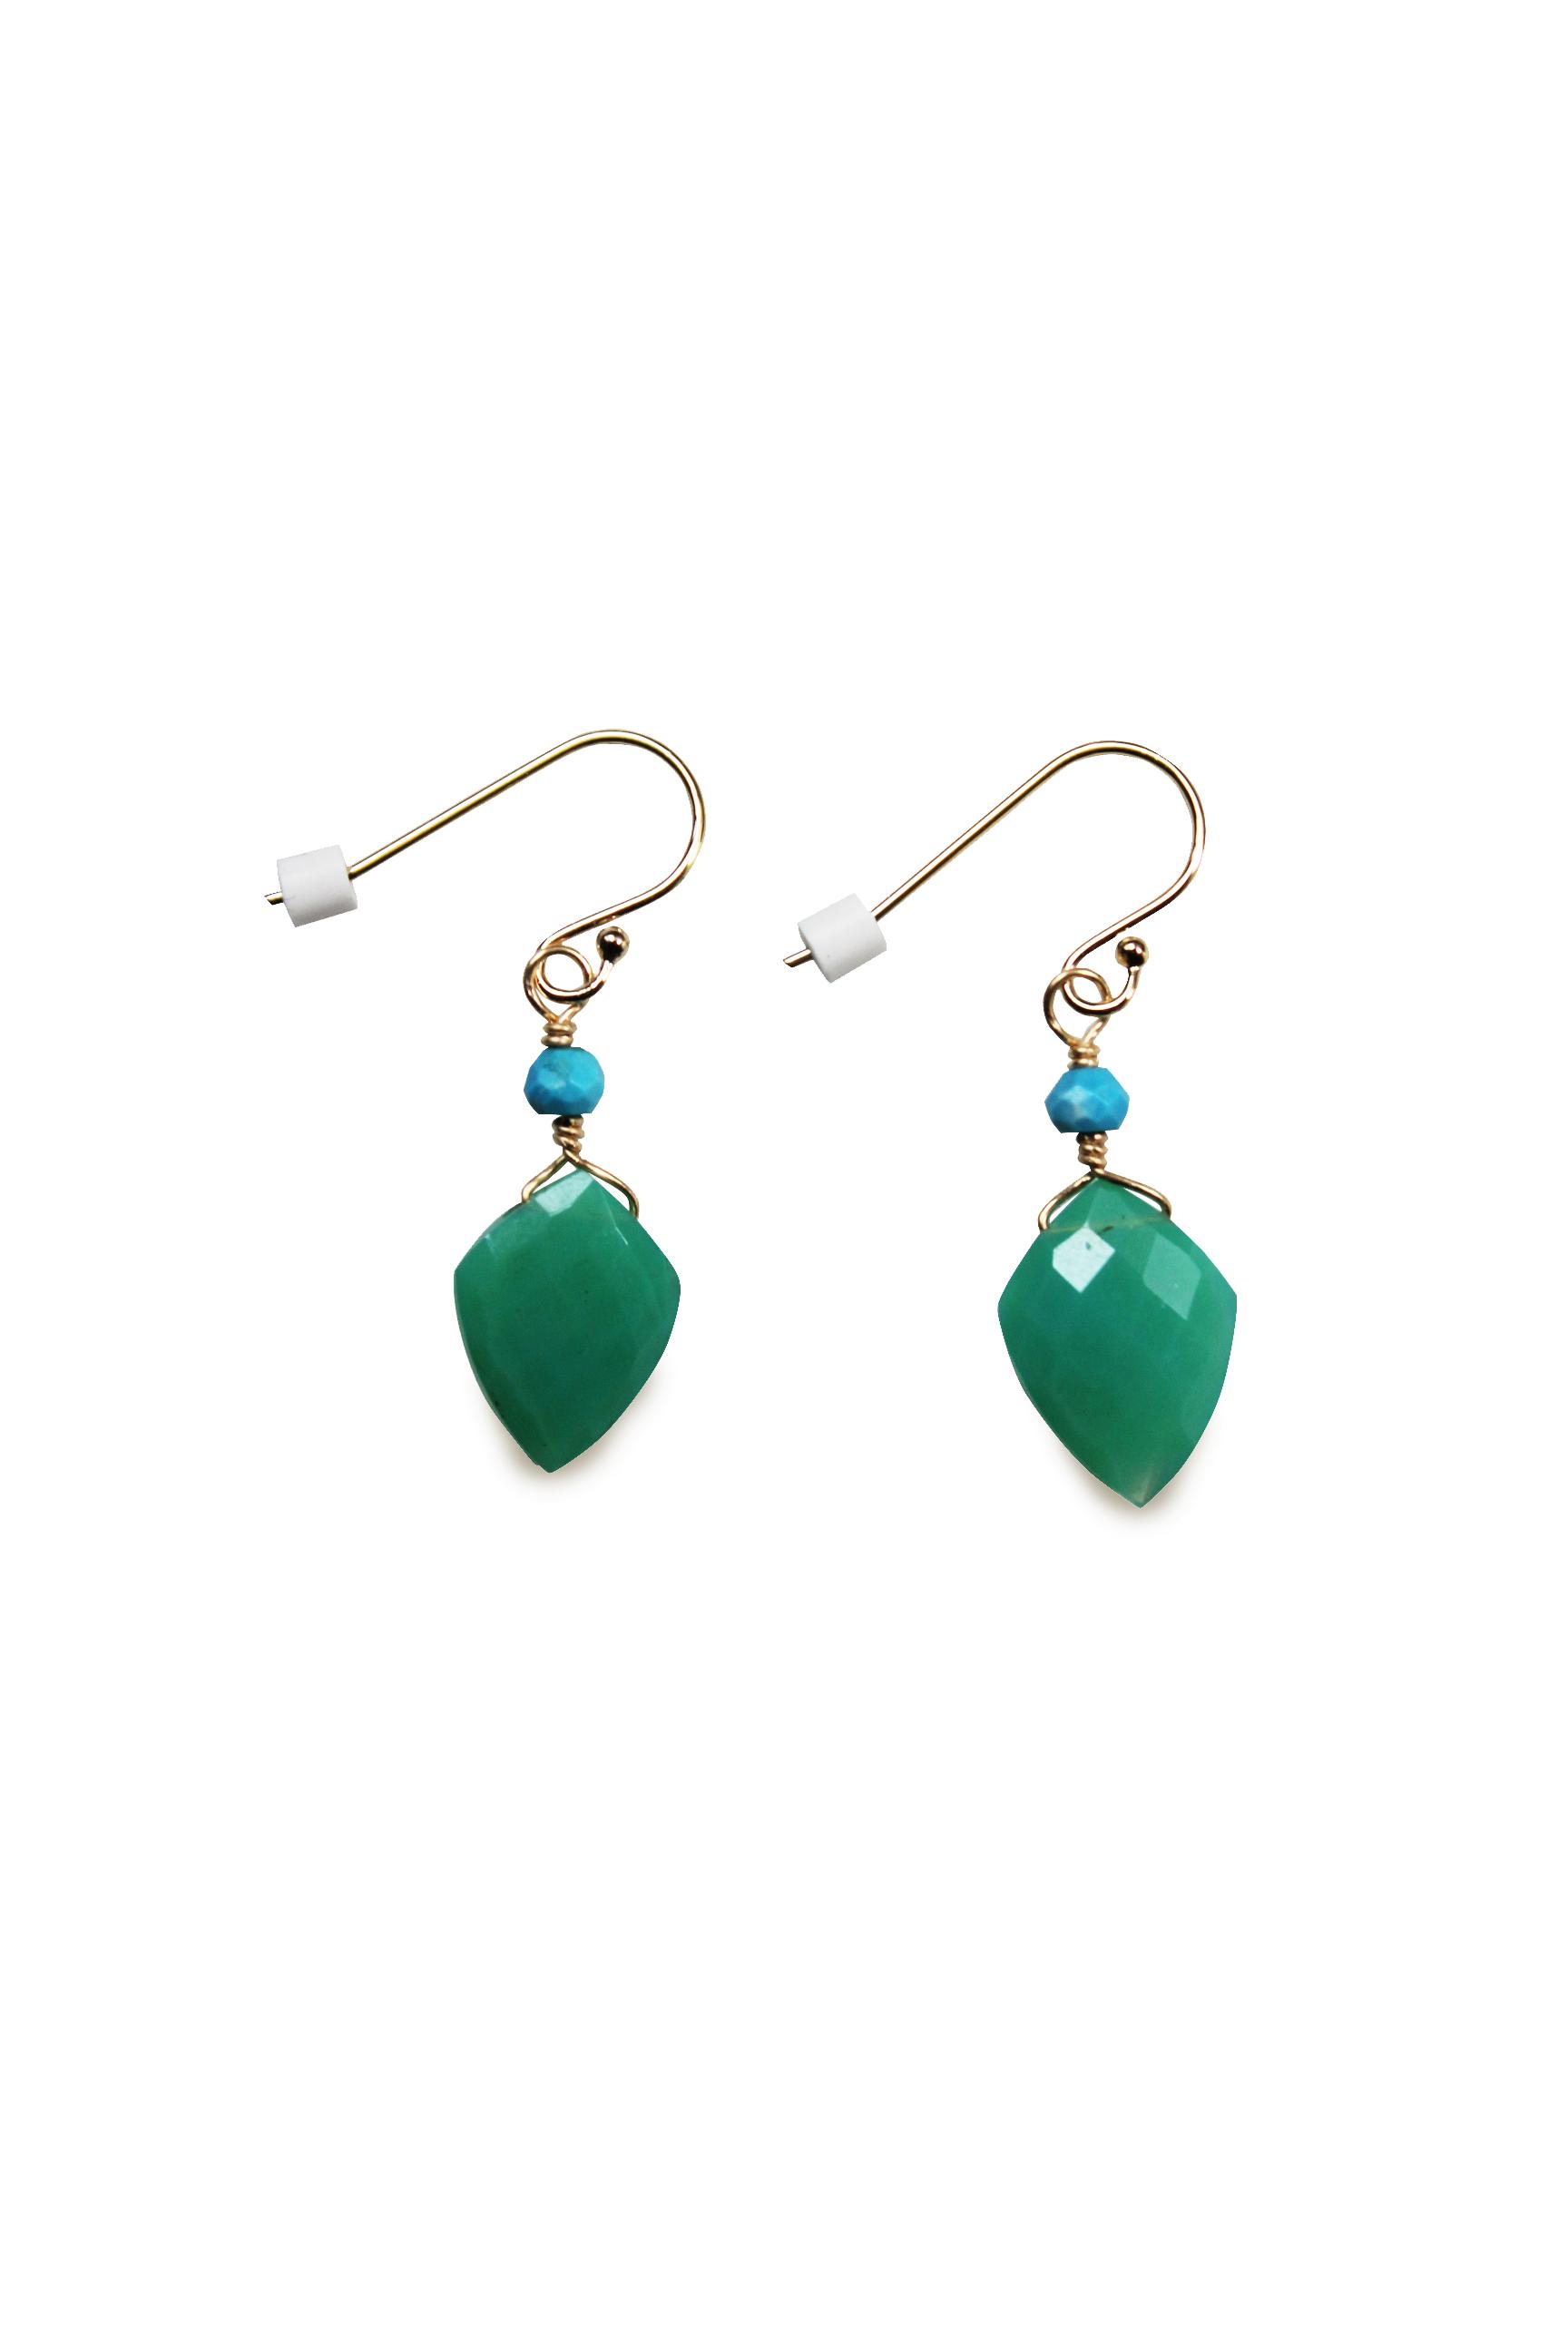 稀少な深い緑の癒し石カルセドニーのイヤリング(ピアス仕様)【22Kゴールド加工】